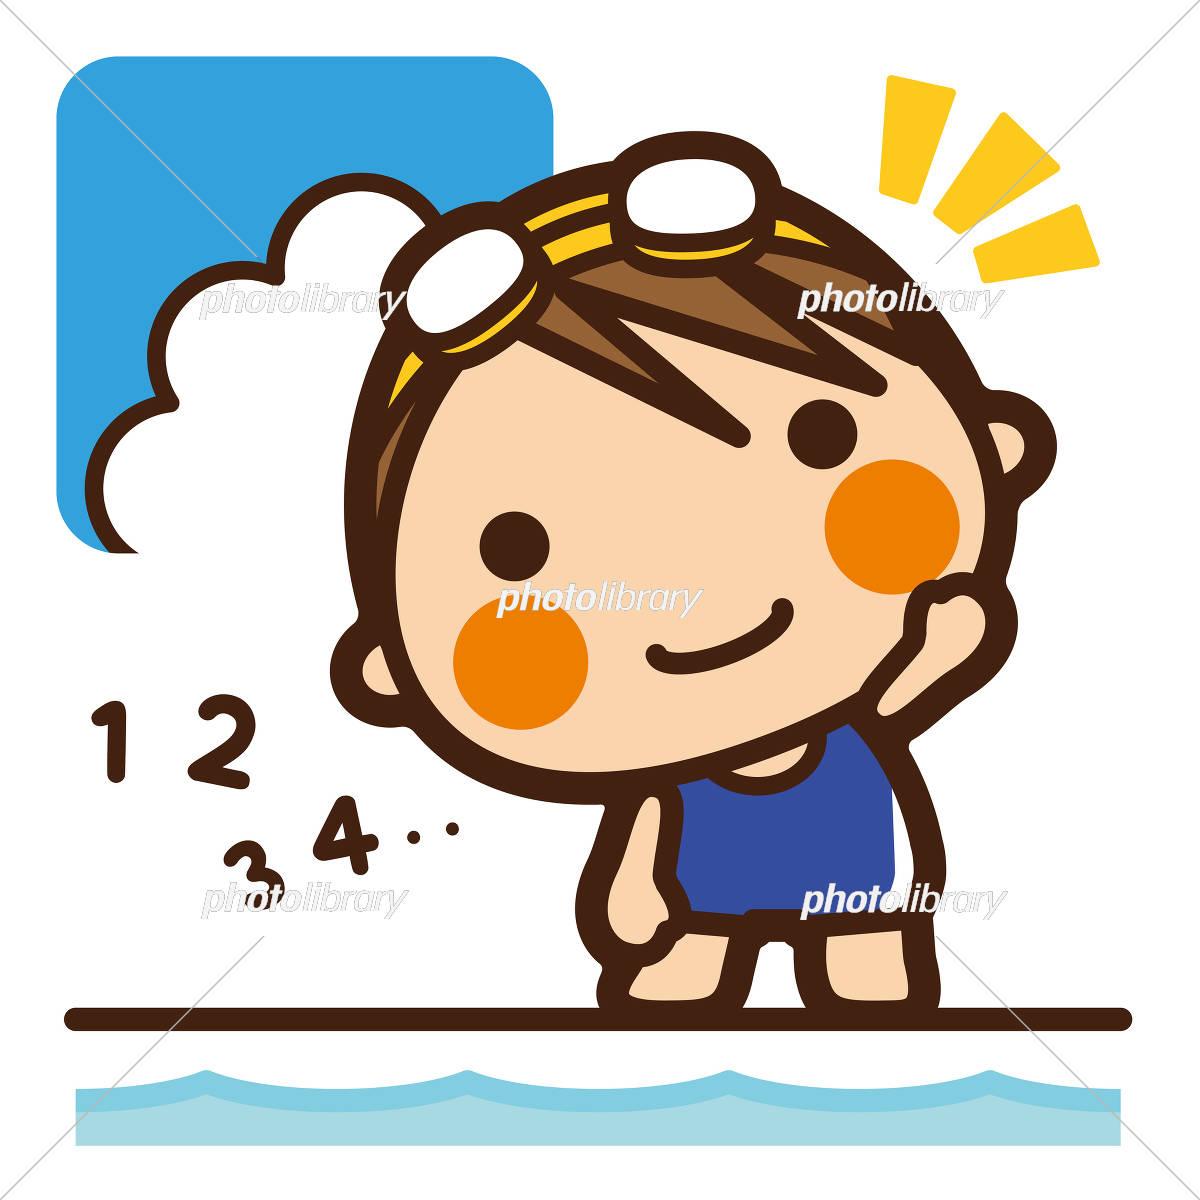 水泳 授業 準備運動 柔軟体操 スイミングスクール 体育 イラスト素材